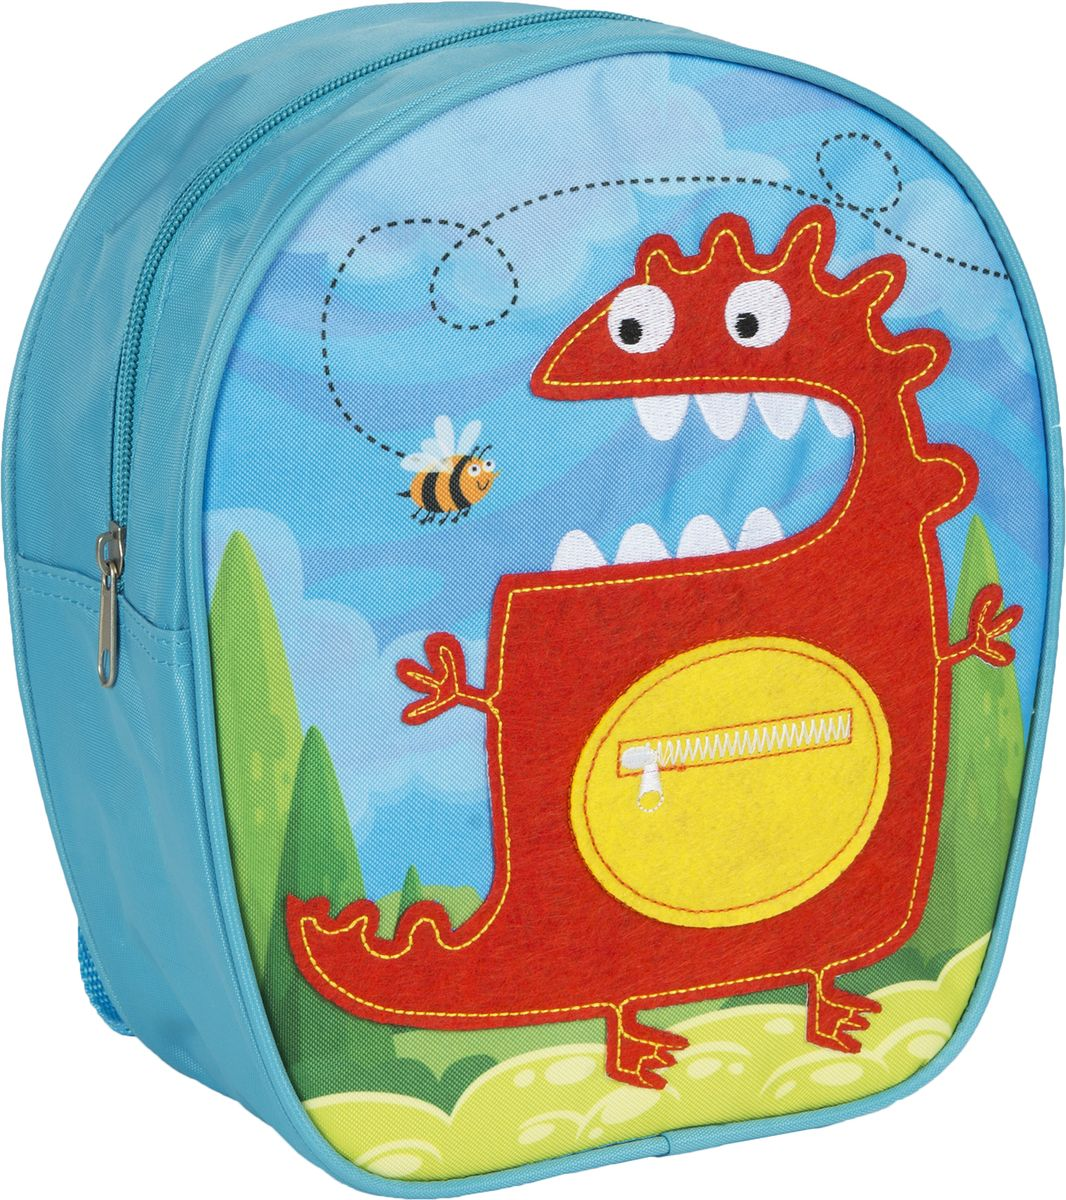 Росмэн Рюкзак дошкольный Монстр72523WDДошкольный рюкзак Росмэн Монстр - это удобный, легкий и компактный аксессуар для вашего малыша, который обязательно пригодится для прогулок и детского сада.В его внутреннее отделение на застежке-молнии можно положить игрушки, предметы для творчества или книжку формата А5.Благодаря регулируемым лямкам, рюкзачок подходит детям любого роста. Удобная ручка помогает носить аксессуар в руке или размещать на вешалке.Износостойкий материал с водонепроницаемой основой и подкладка обеспечивают изделию длительный срок службы и помогают содержать вещи сухими в сырую погоду.Аксессуар декорирован ярким принтом (сублимированной печатью), устойчивым к истиранию и выгоранию на солнце, аппликацией из фетра и вышивкой.